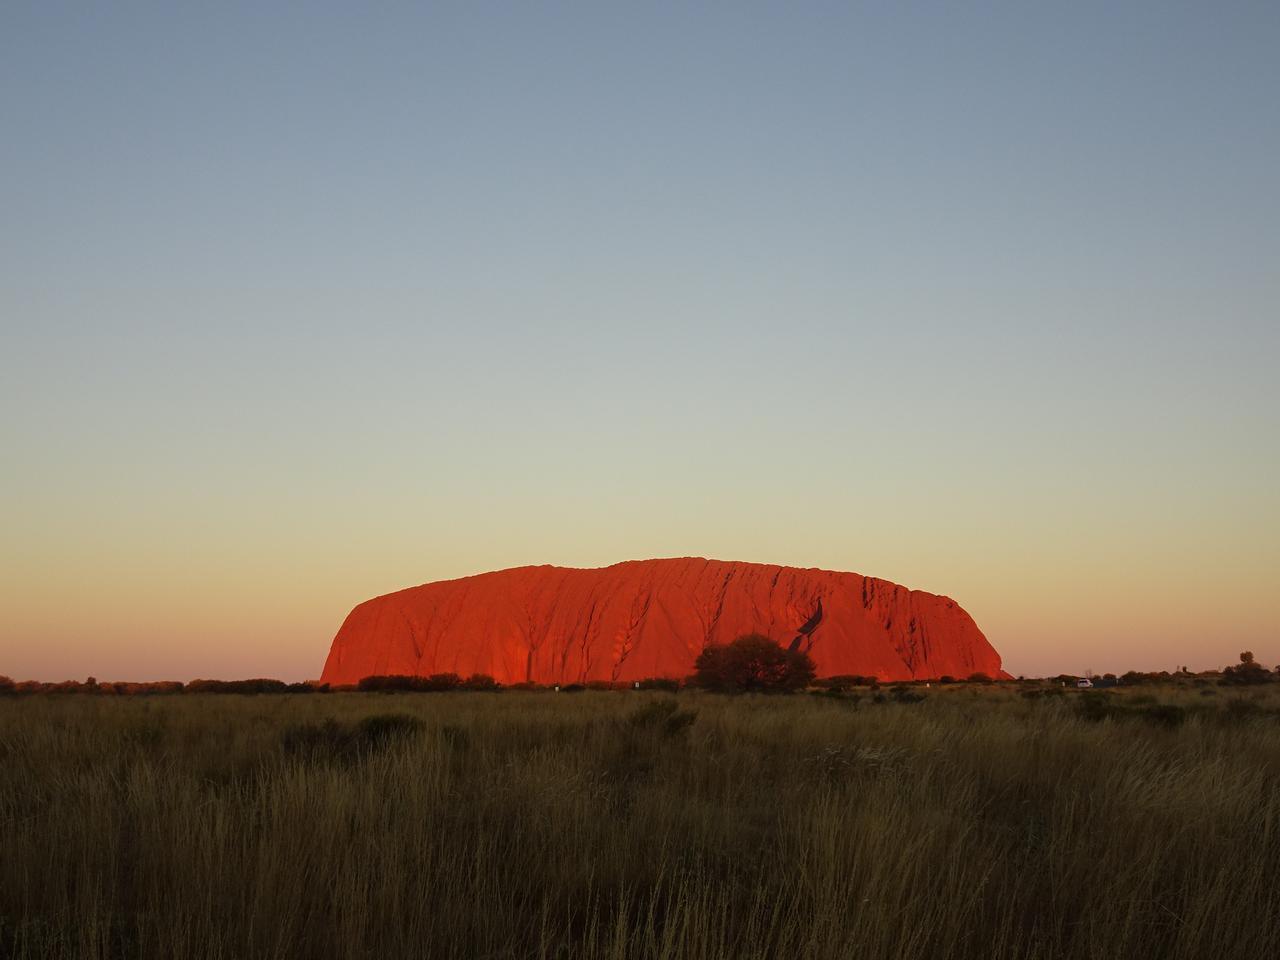 画像: 【オーストラリア】現地レポート!ウルル(エアーズロック)に登ってきました! - クラブログ ~スタッフブログ~ クラブツーリズム